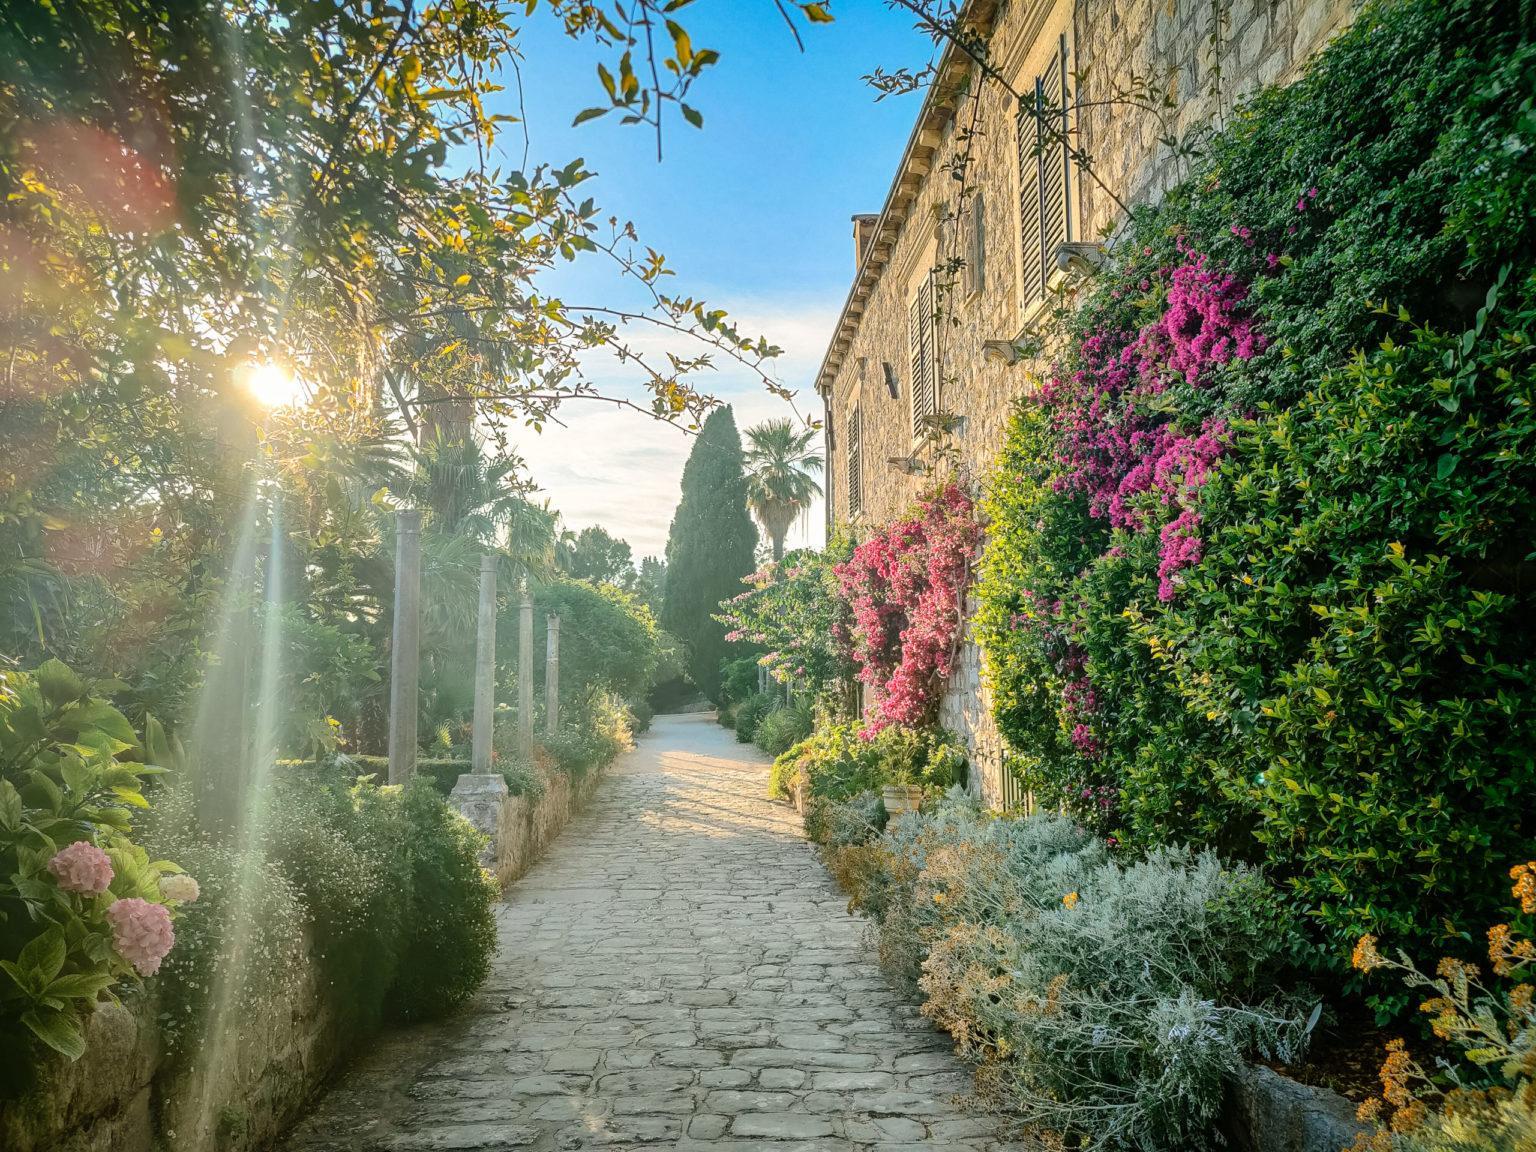 hochzeitslocation Kroatien location hochzeit heiraten 6 9 scaled - Historische Gärten